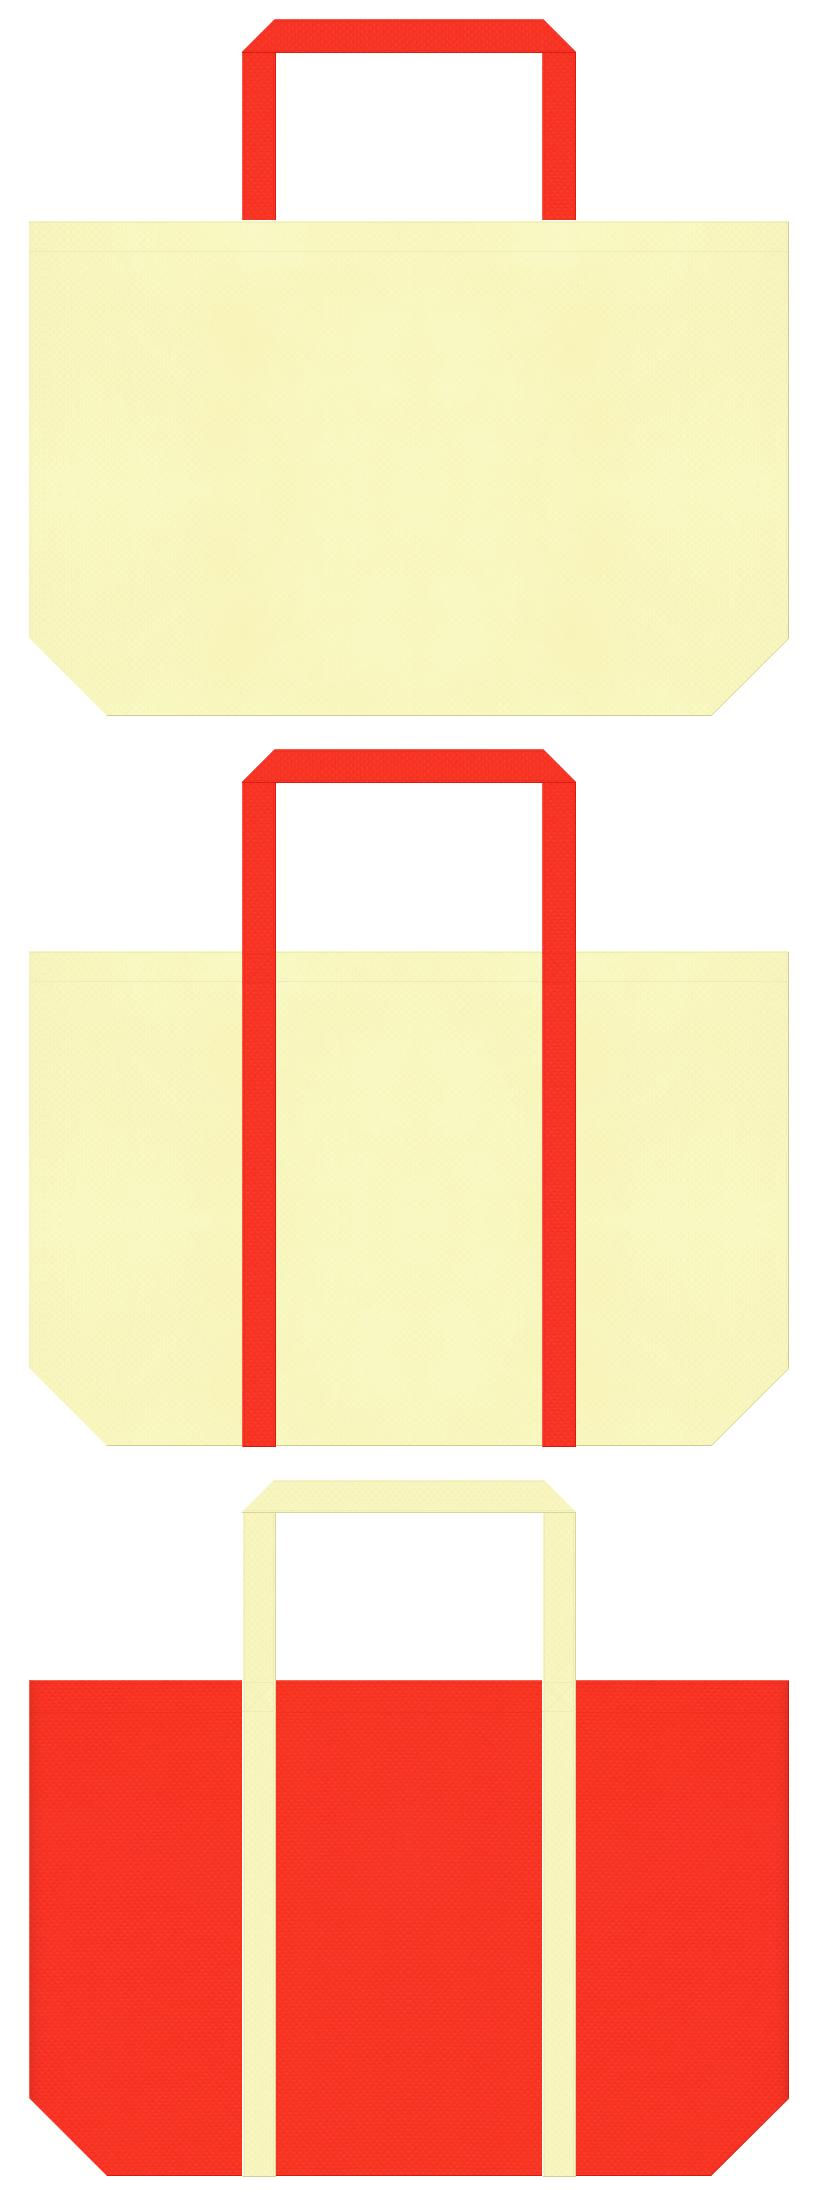 サプリメント・たまご・サラダ油・調味料・お料理教室・レシピ・キッチン・ランチバッグにお奨めの不織布バッグデザイン:薄黄色とオレンジ色のコーデ